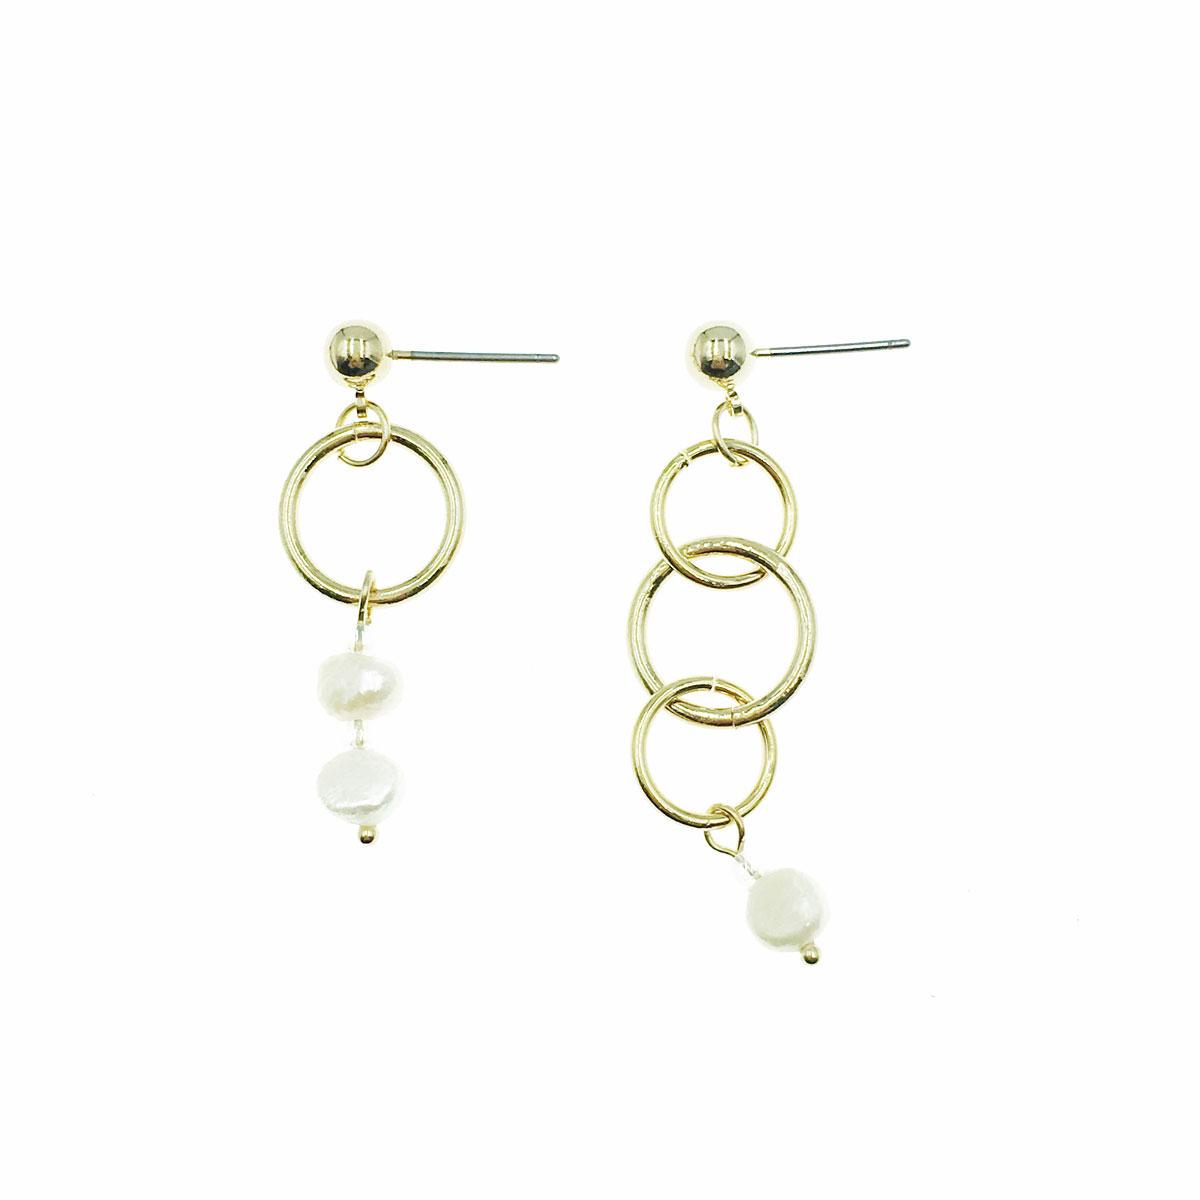 韓國 天然珠 金邊 圓圈 不對稱 垂墜感 耳針式 耳環